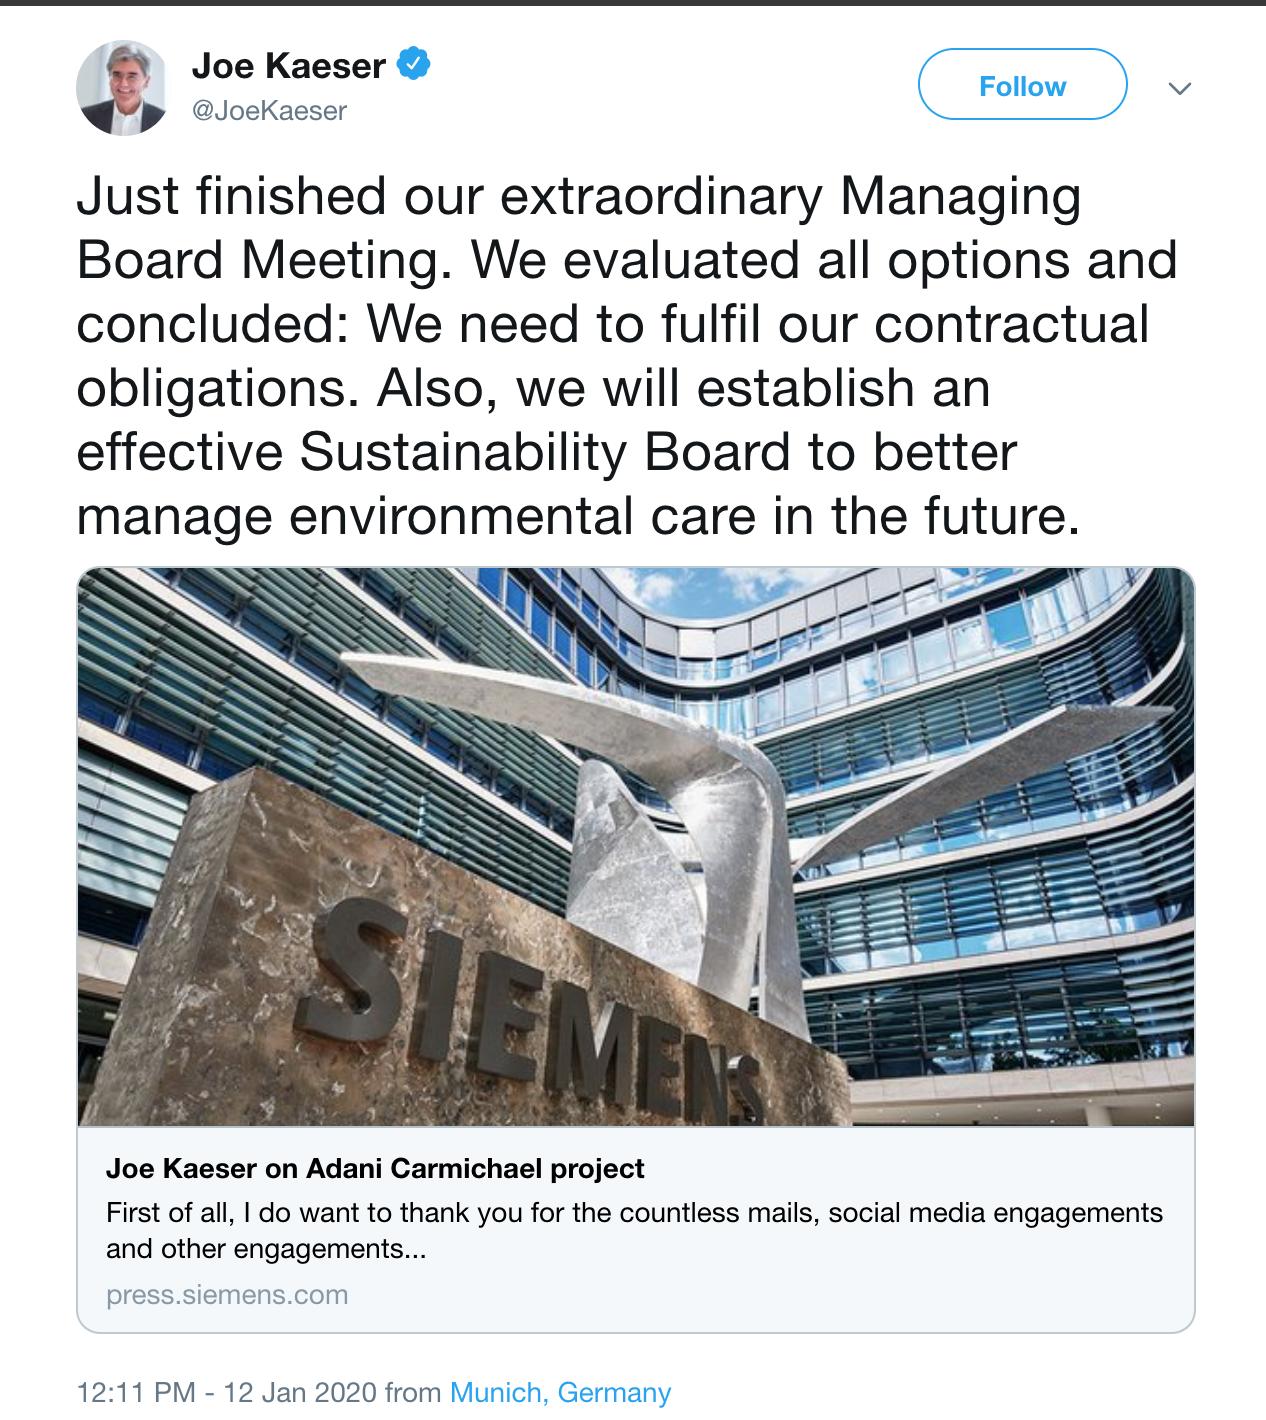 Twitter post of Siemen's CEO